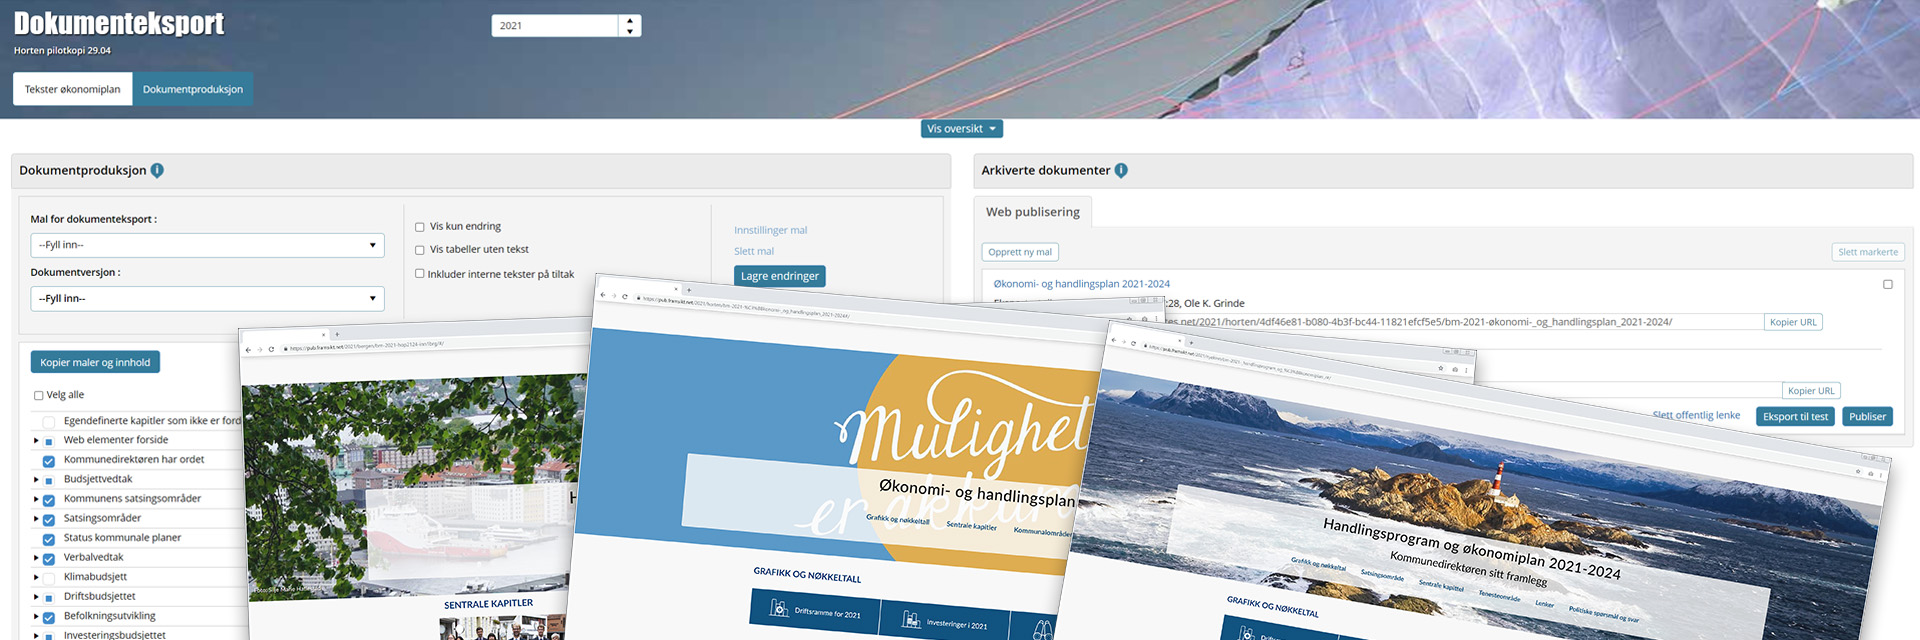 Skjermbildet viser dokumenteksportsiden med mulighet for eksport av dokument, samt digital publisering som nettside. Nederst i bildet vises tre utklipp av digitale øk.planer produsert i Framsikt.